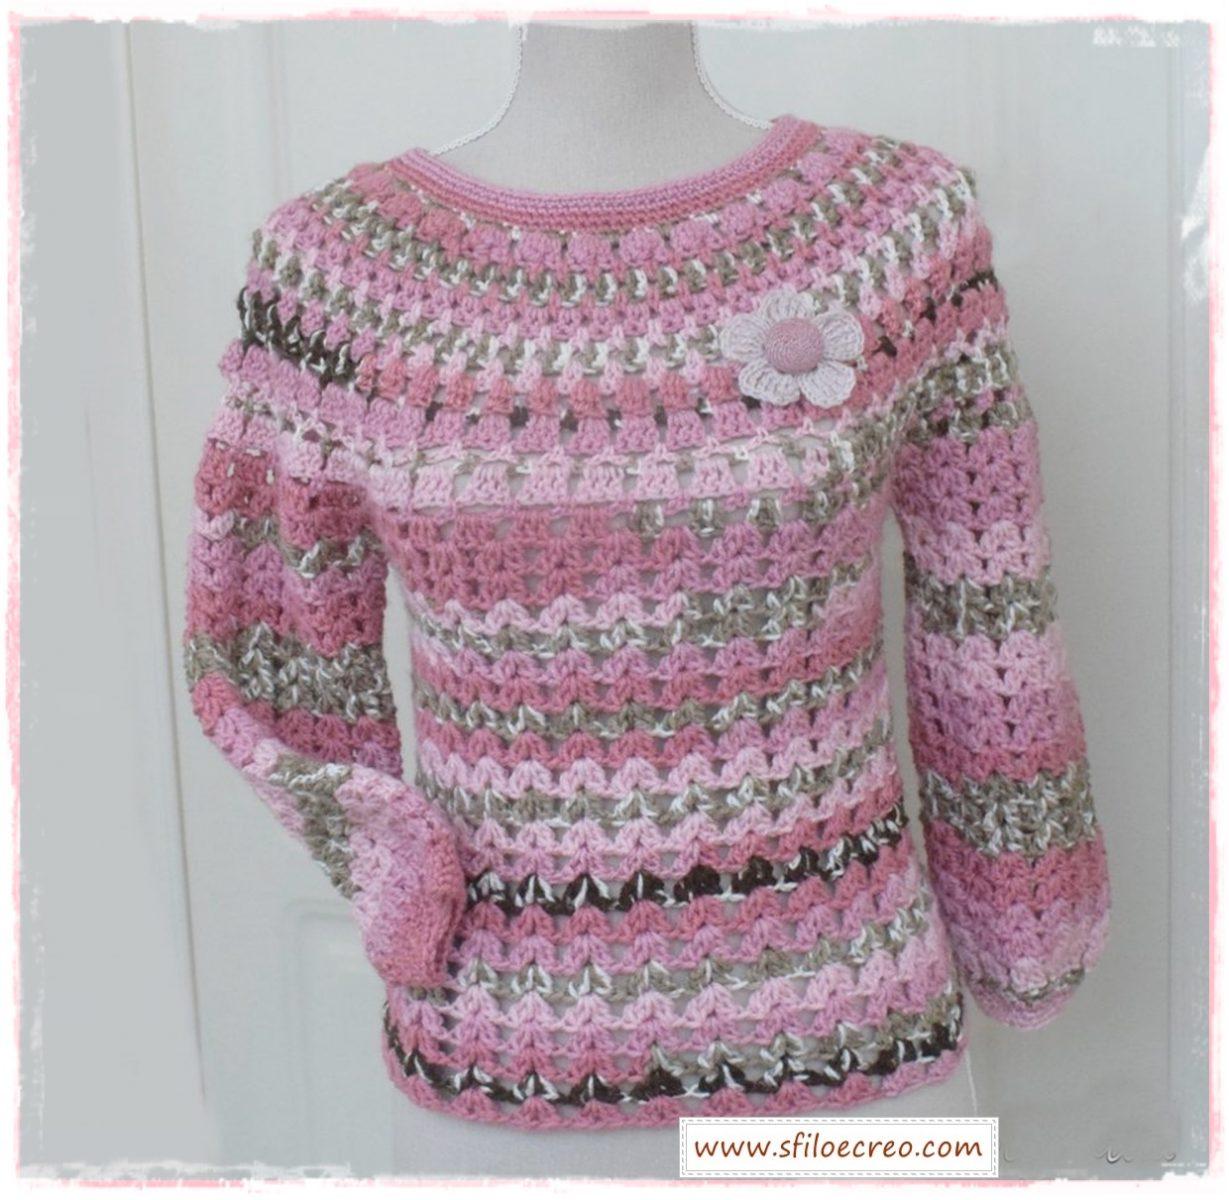 maglia variegata a uncinetto